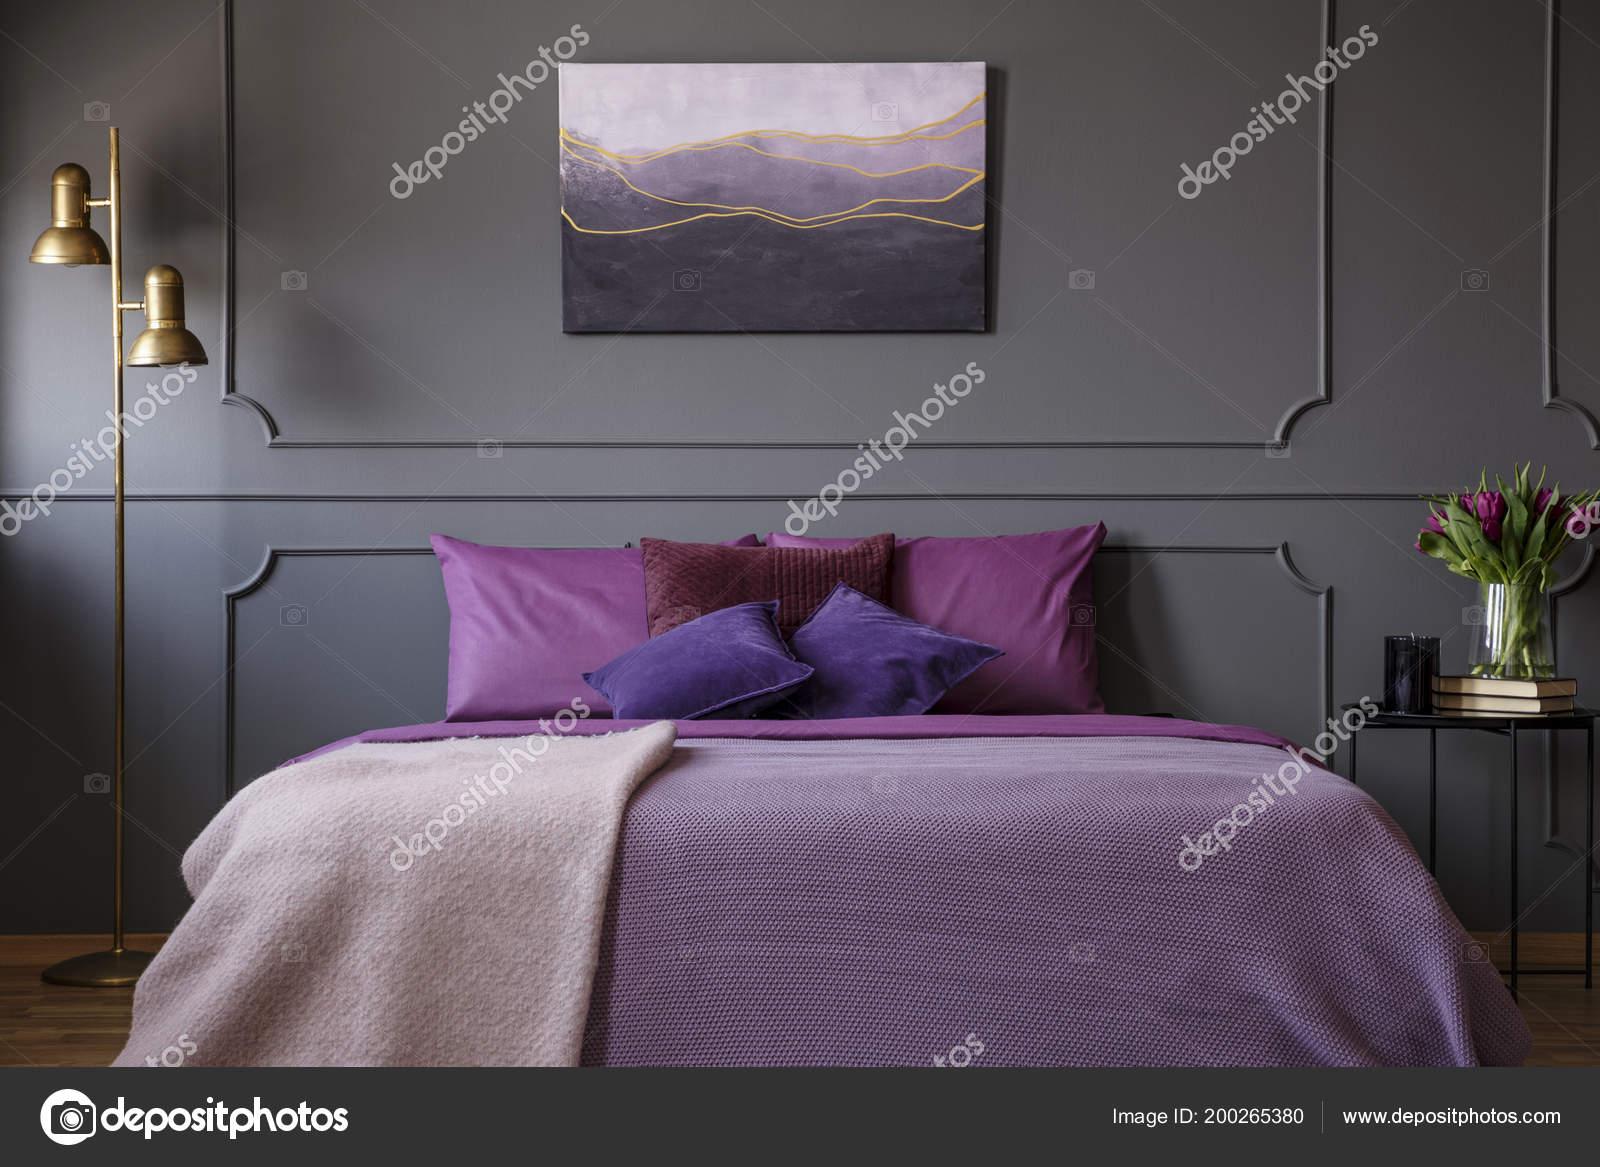 Paarse Slaapkamer Lamp : Gouden lamp naast paarse bed tegen grijs muur met molding